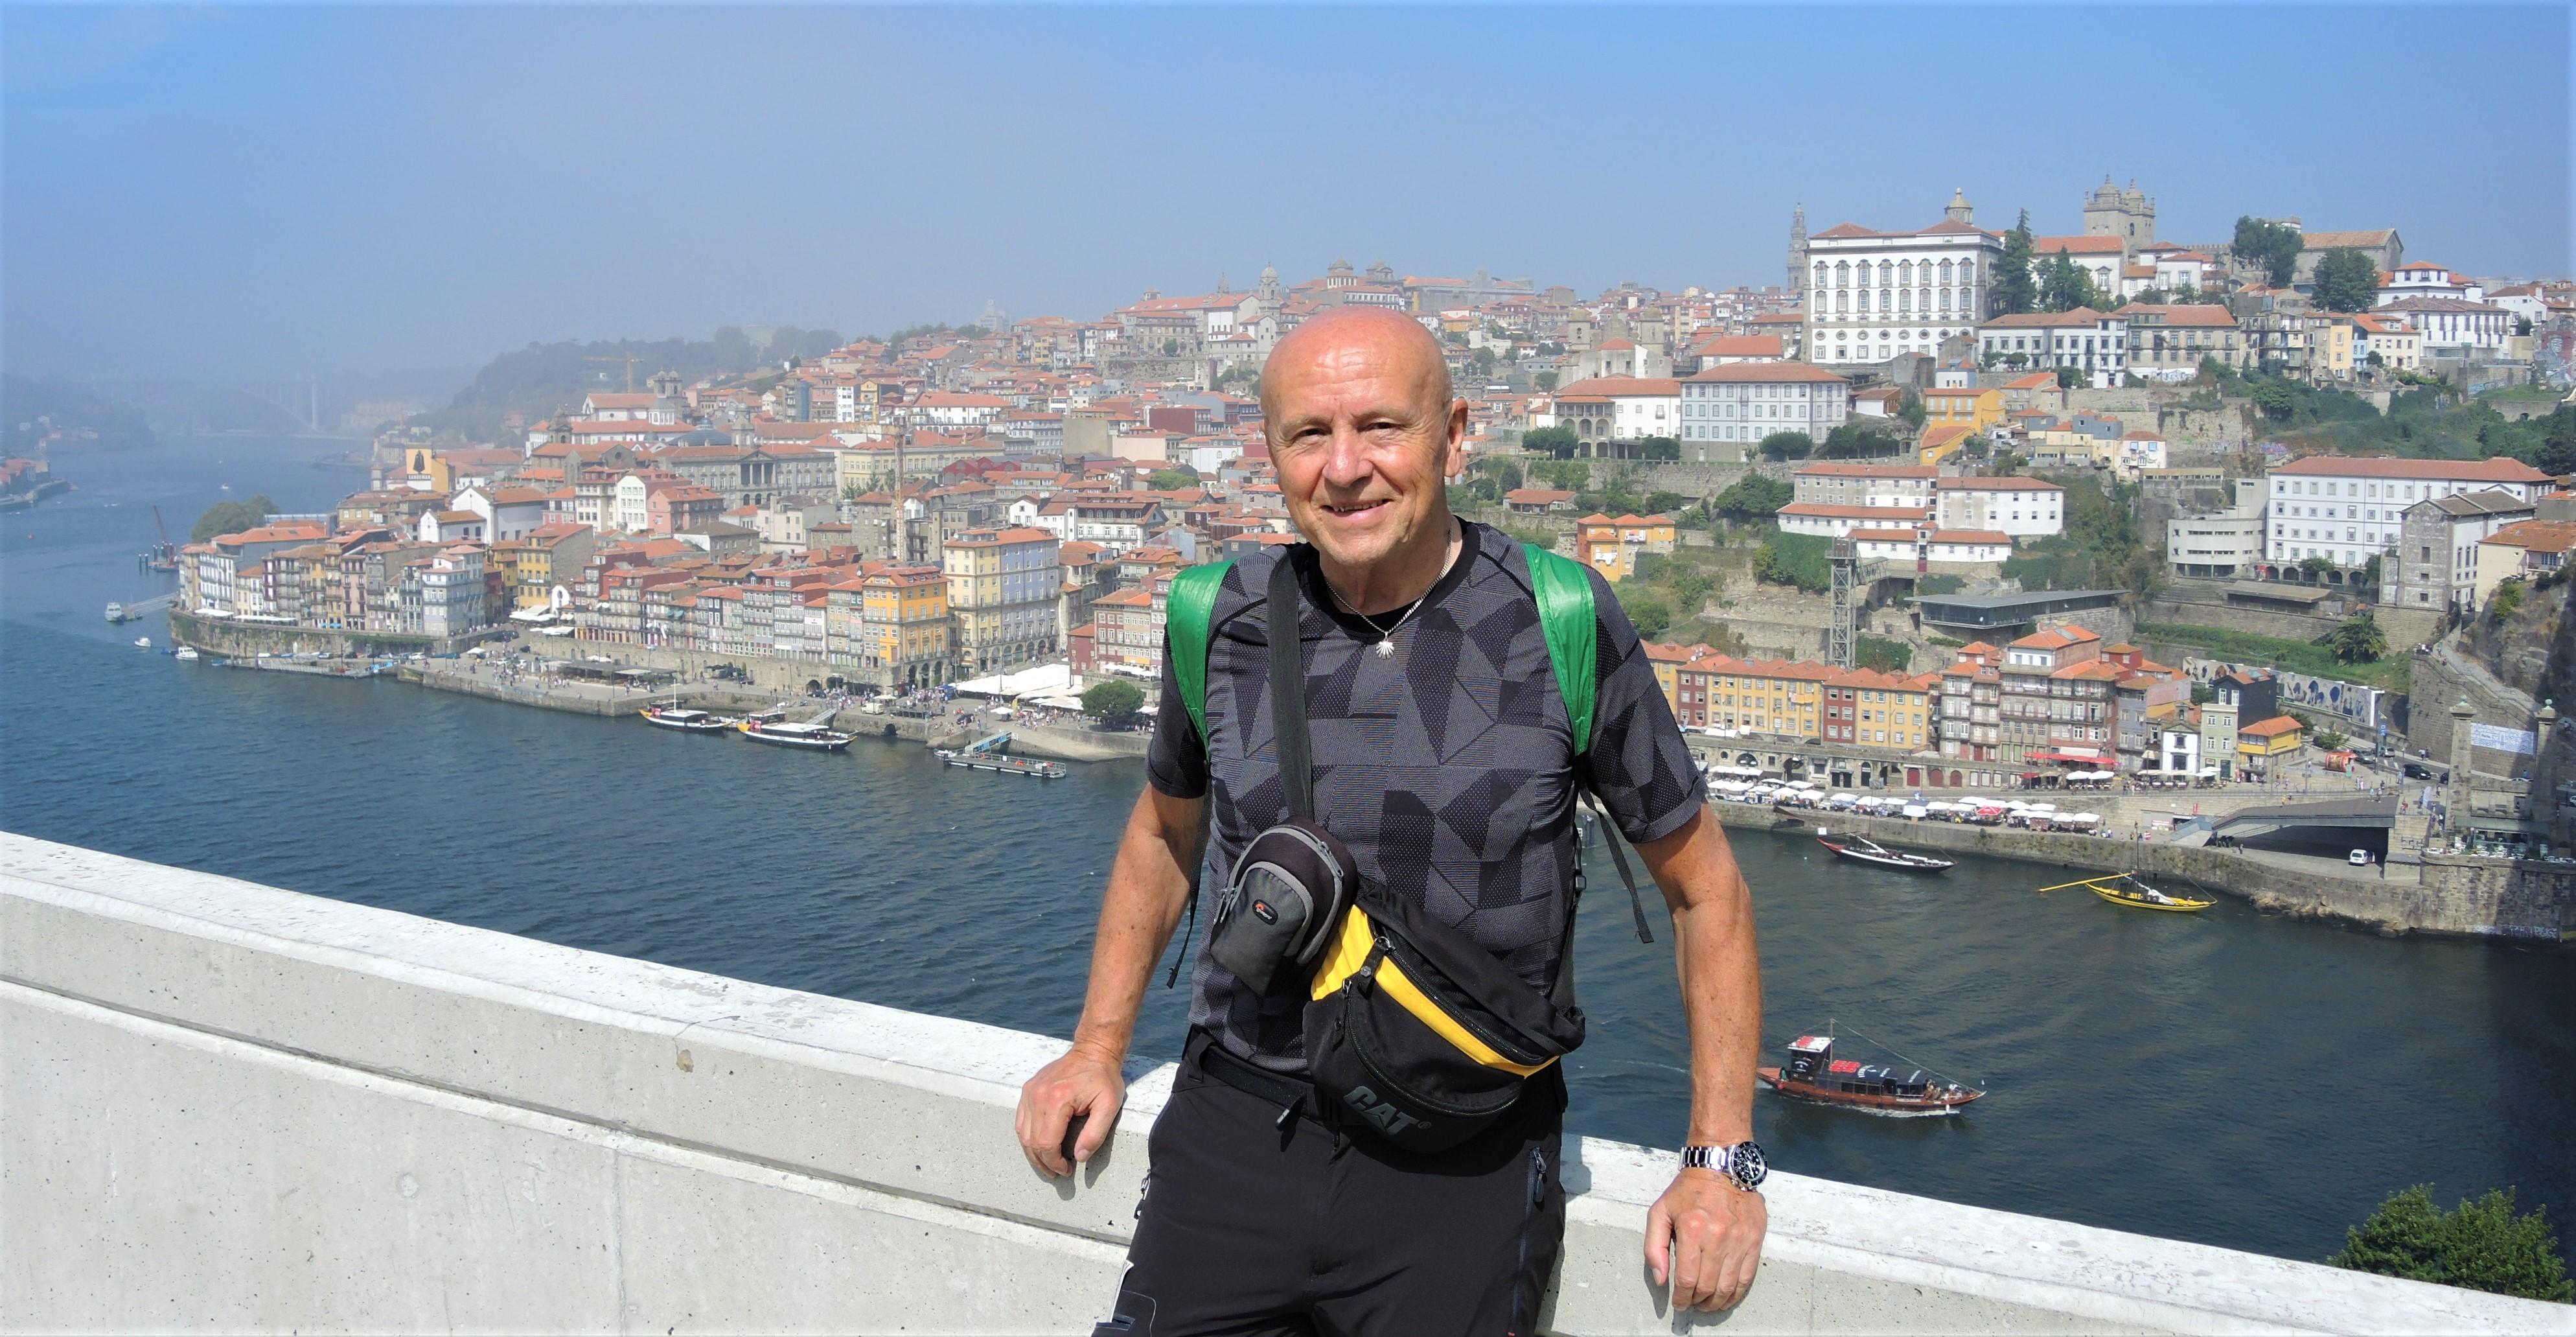 Um nach Salamanca zu kommen fliege ich erst von Memmingen nach Porto. Dort verbringe ich ein Tag bei maritimen Wetter.